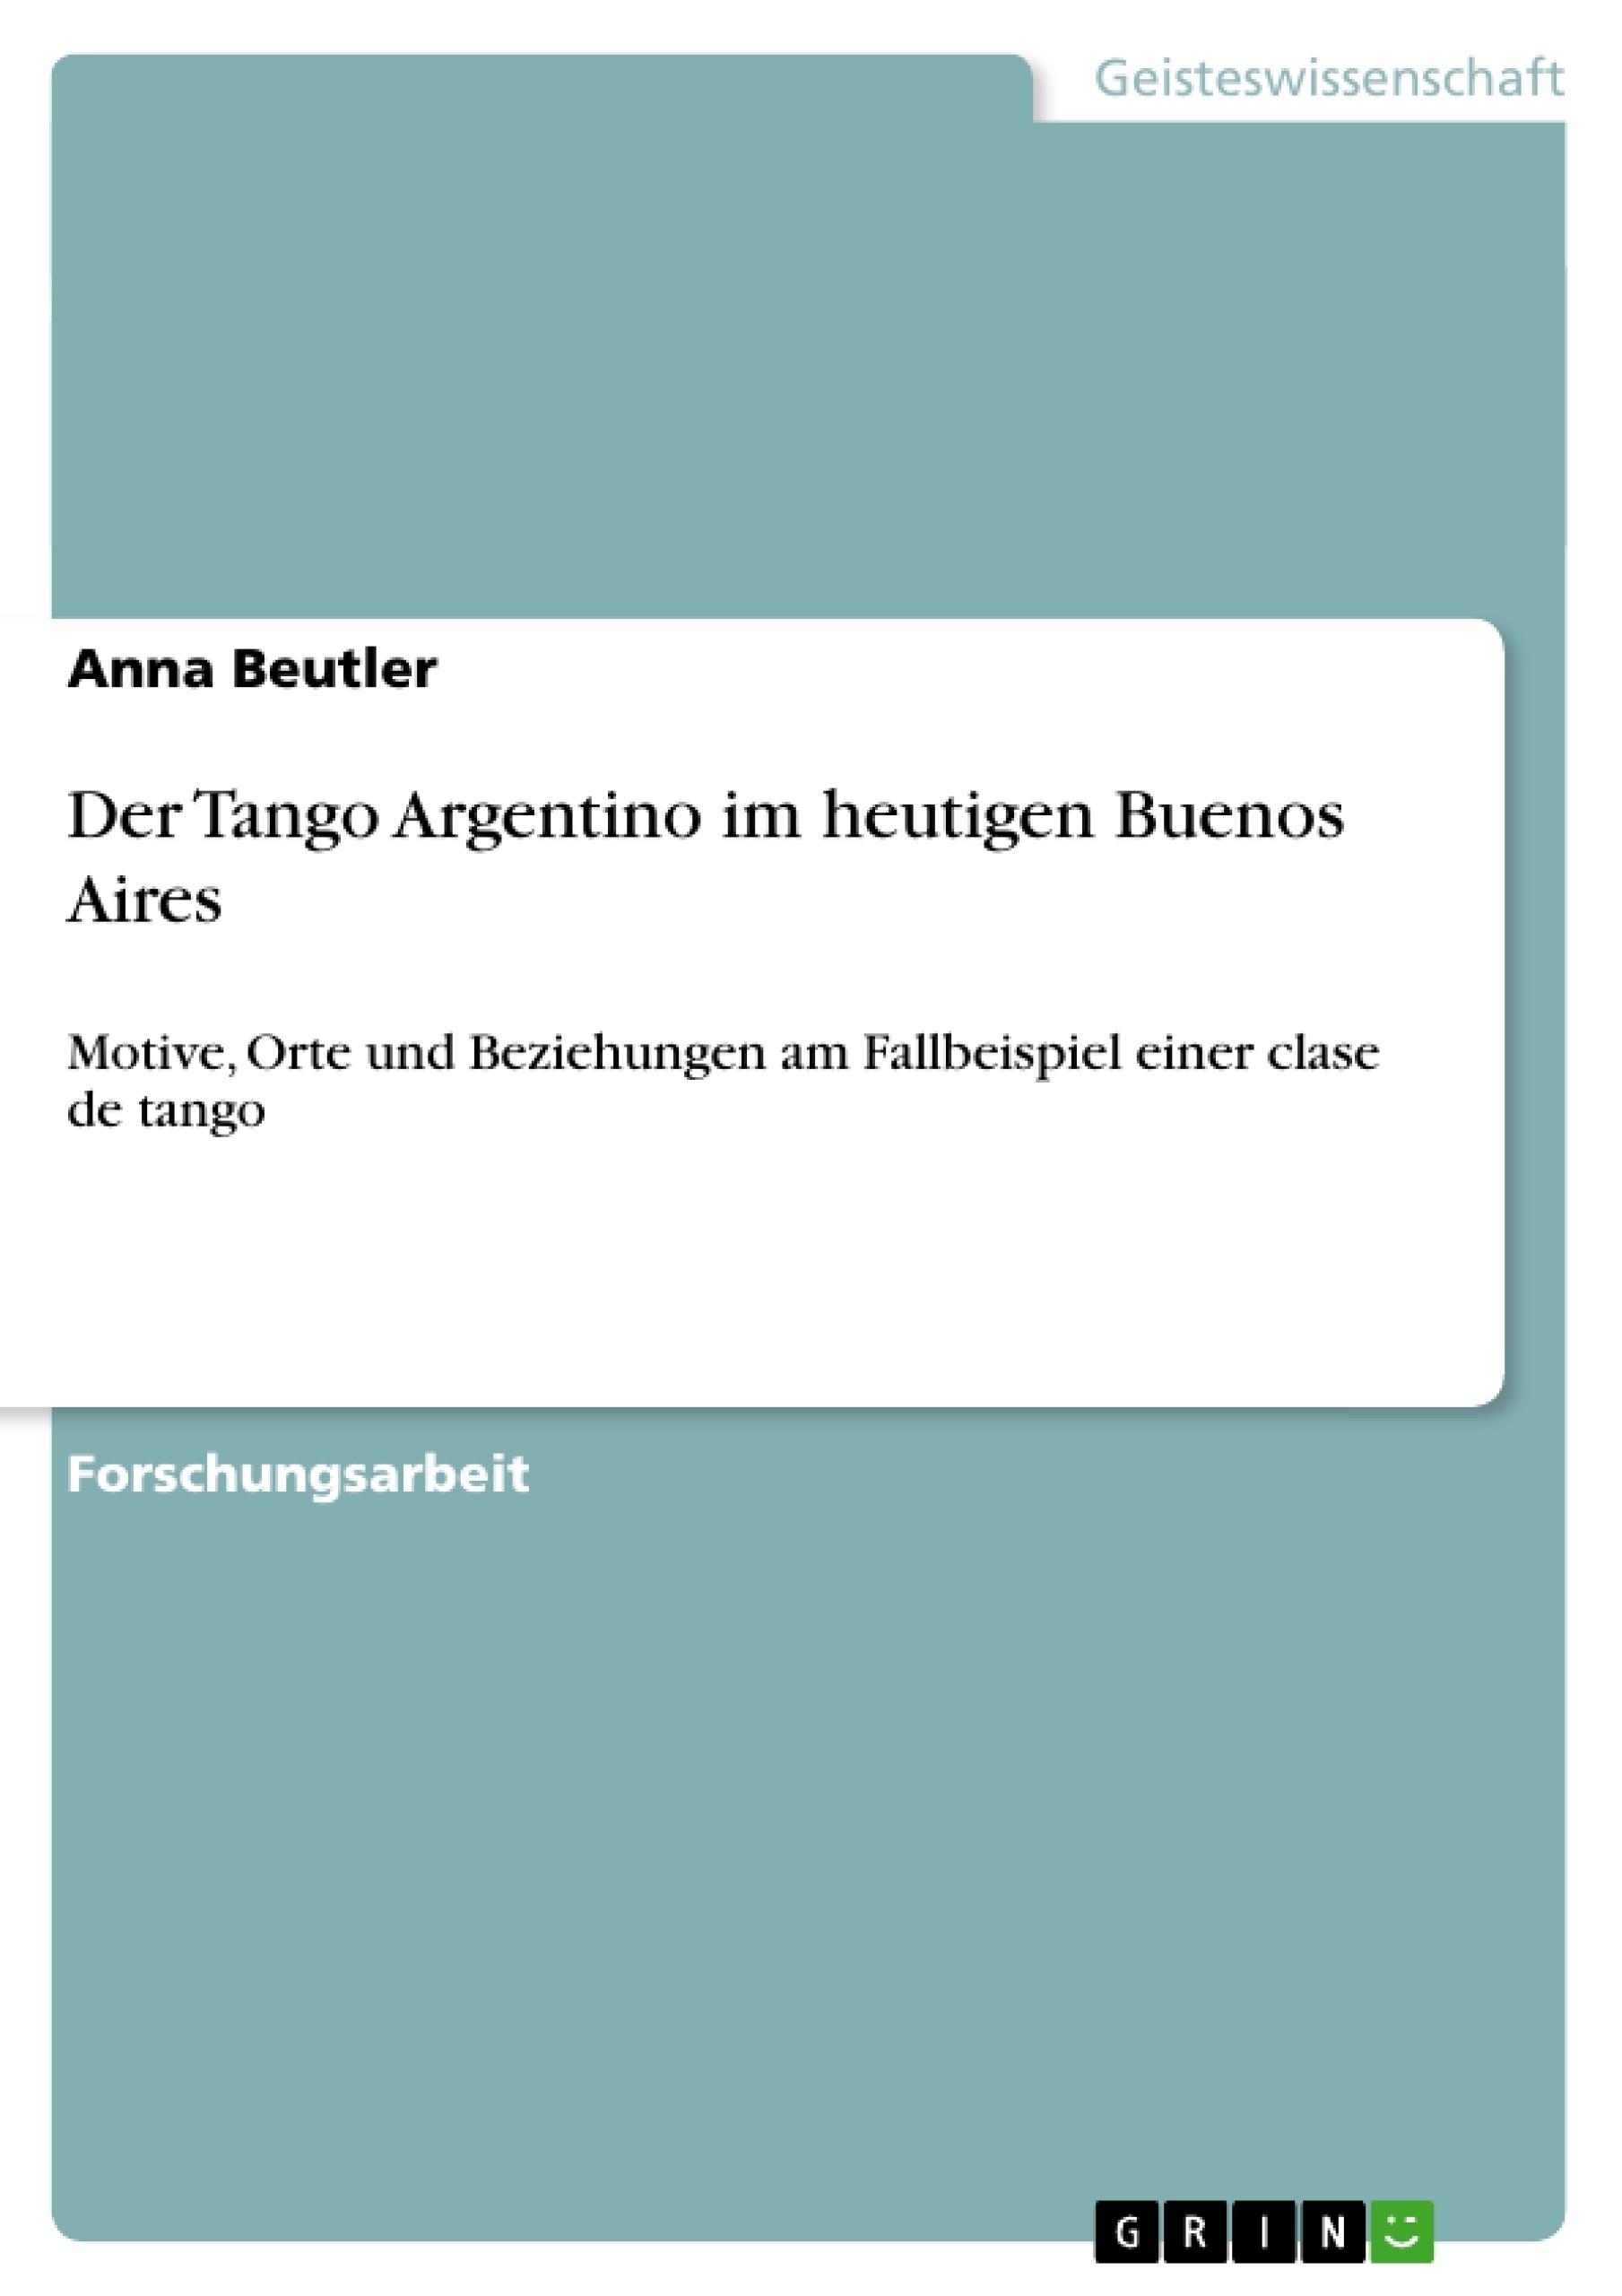 Titel: Der Tango Argentino im heutigen Buenos Aires